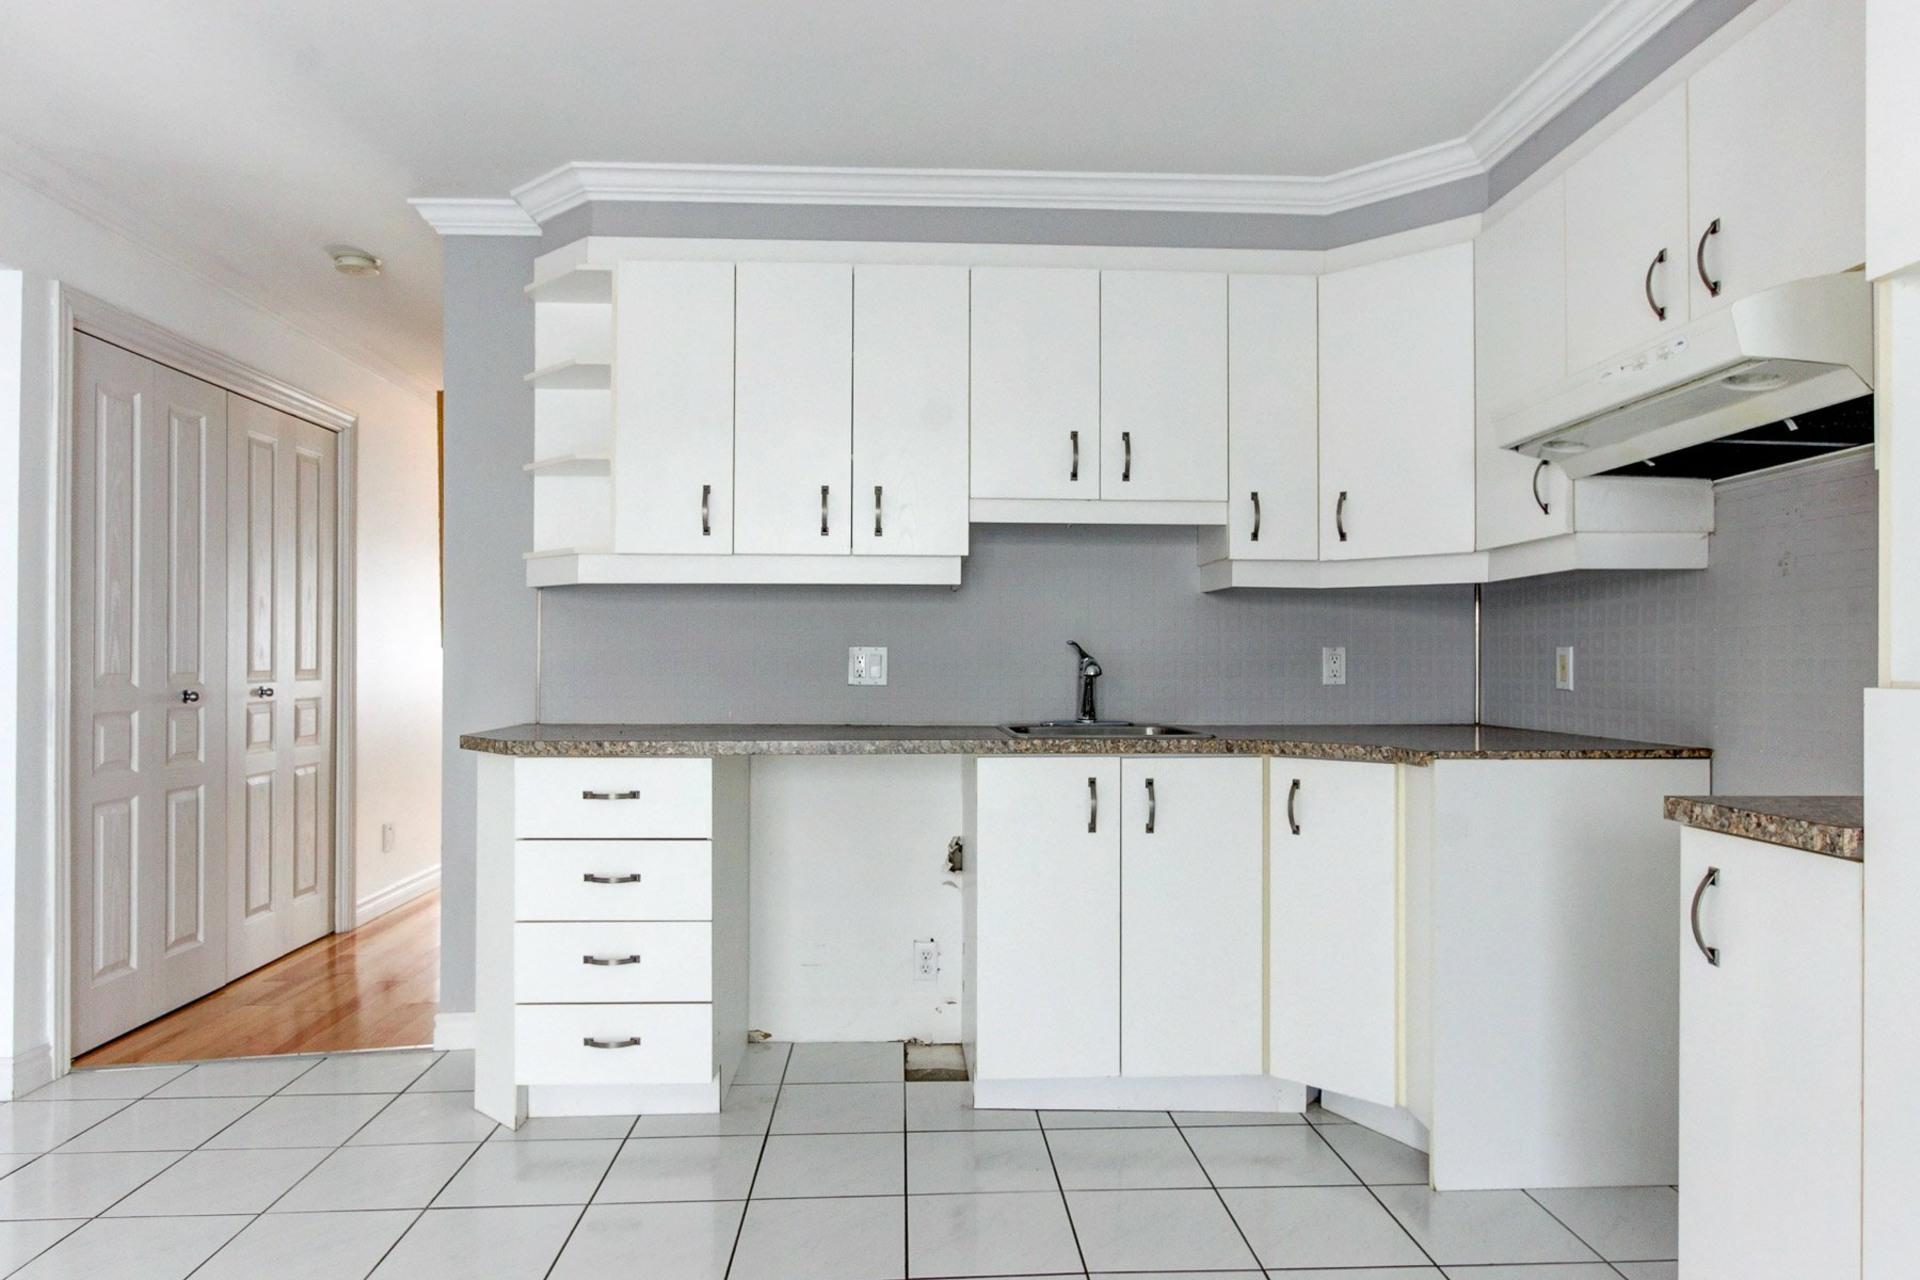 image 3 - Appartement À vendre Trois-Rivières - 6 pièces